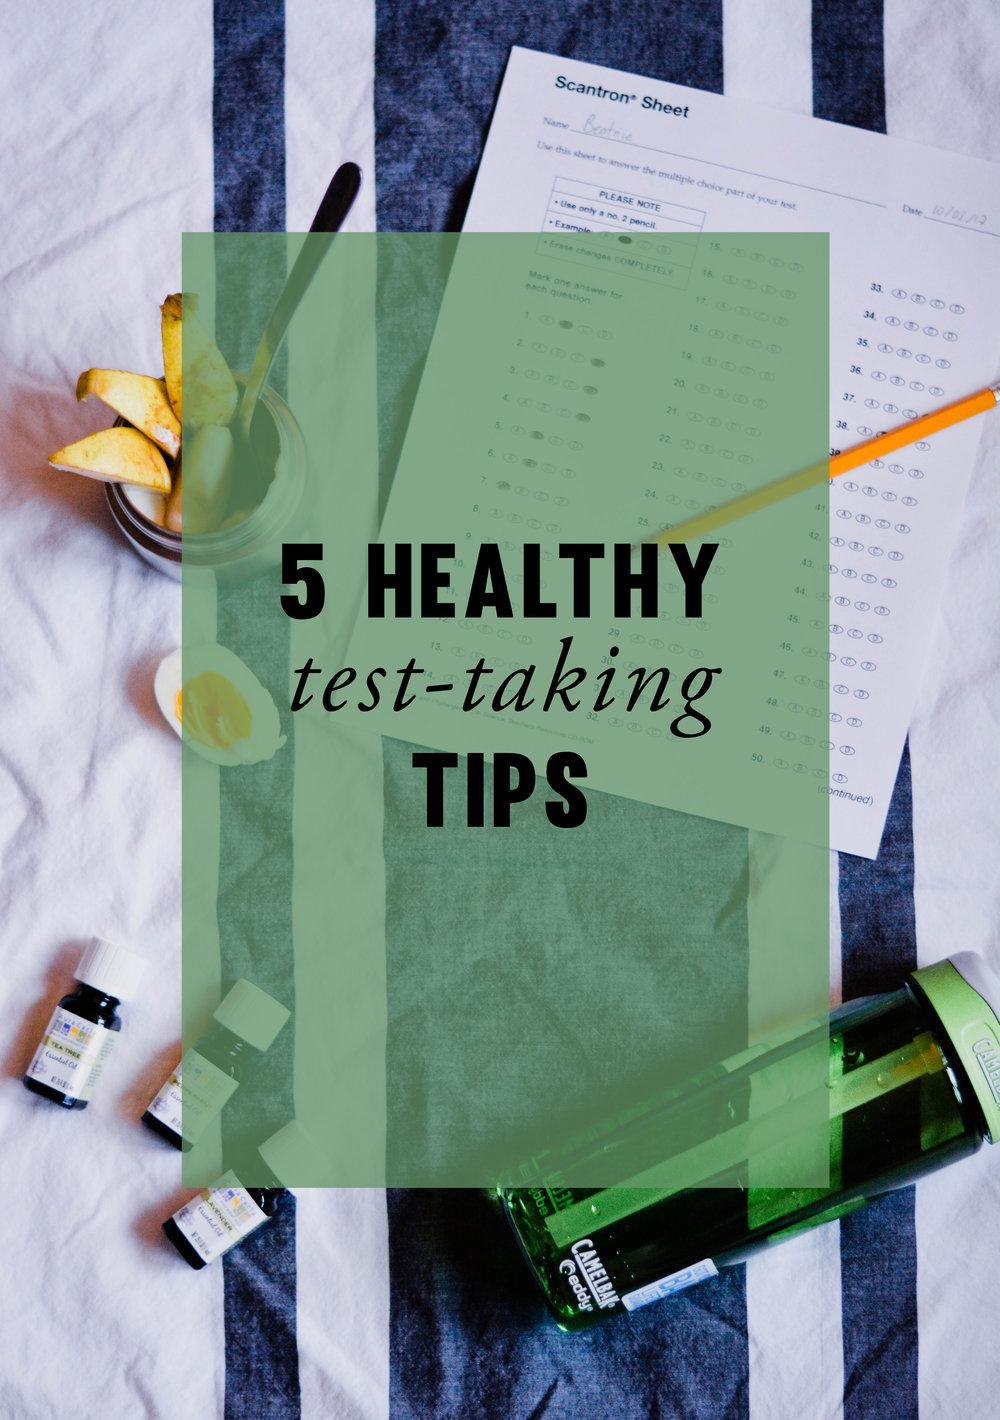 Test Taking Tips Cover Photo.jpg